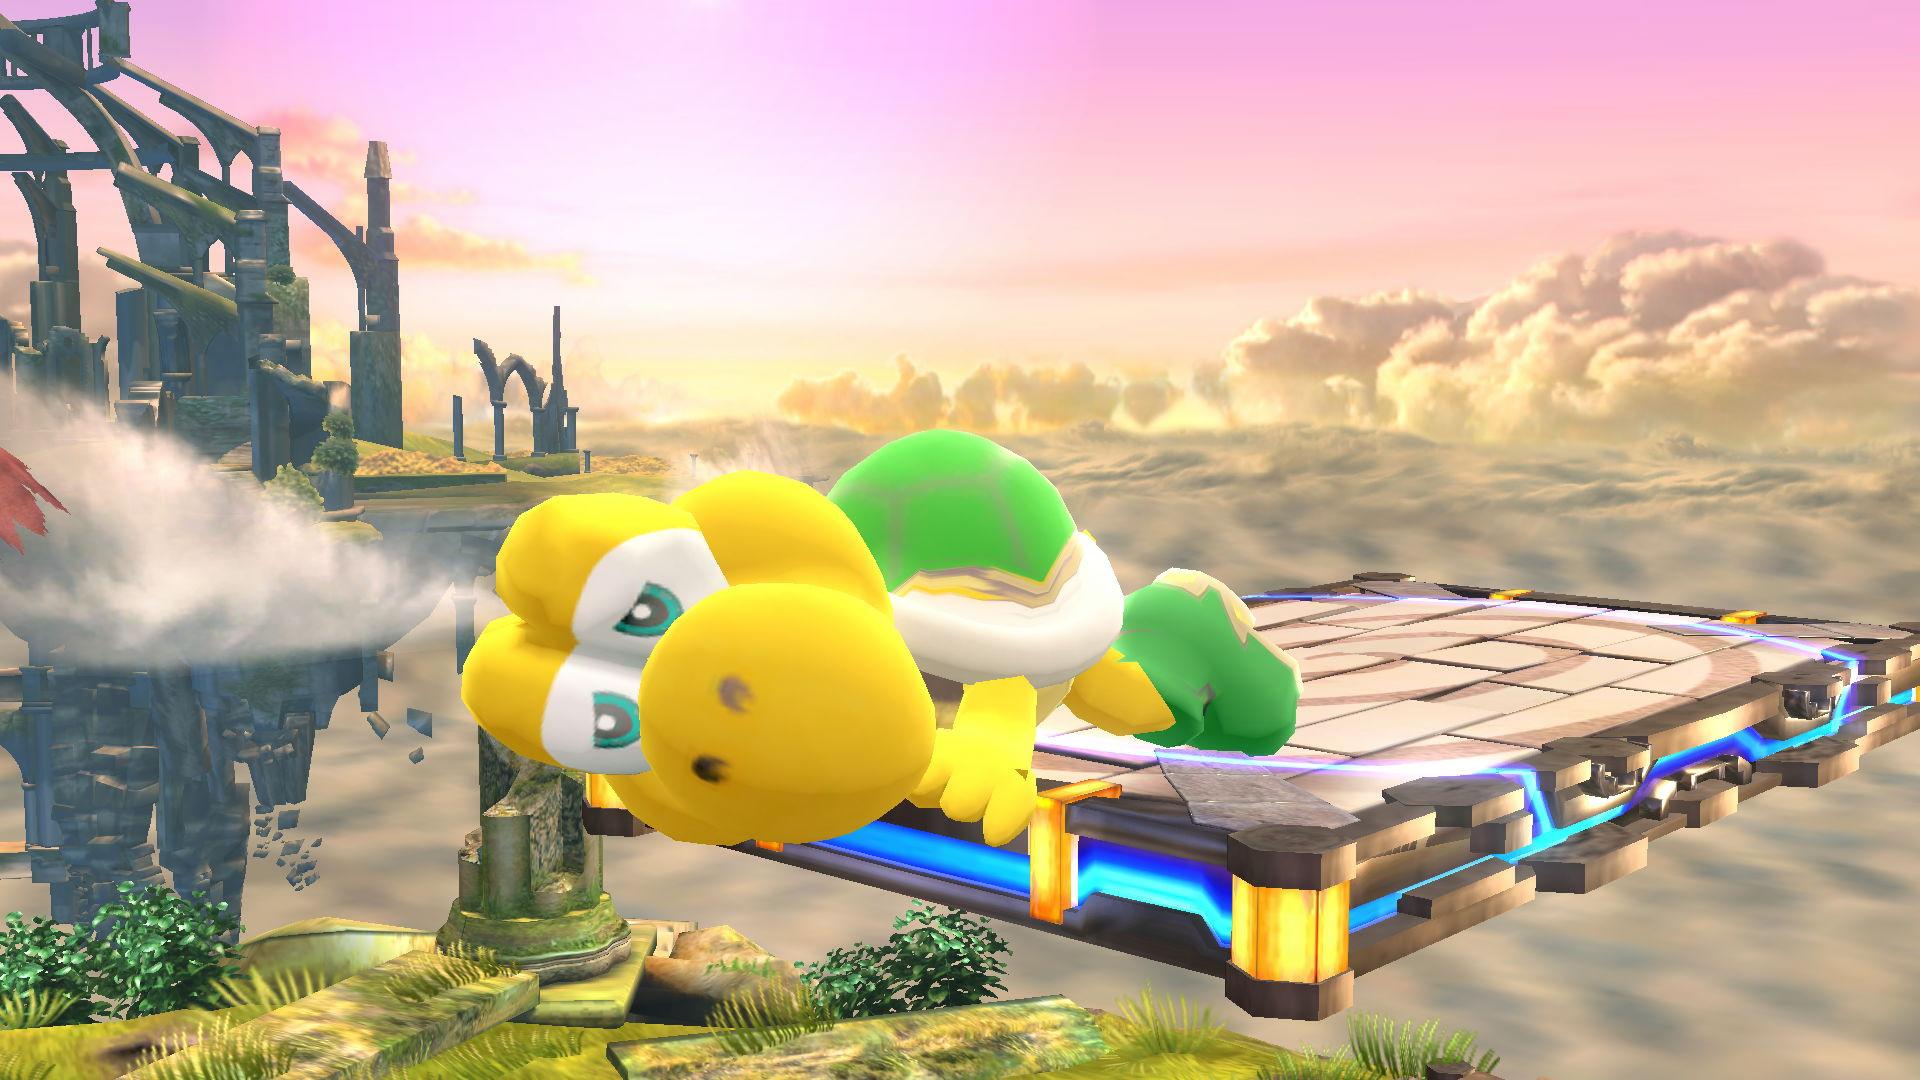 Koopa Troopa Over Yoshi Super Smash Bros Wii U Works